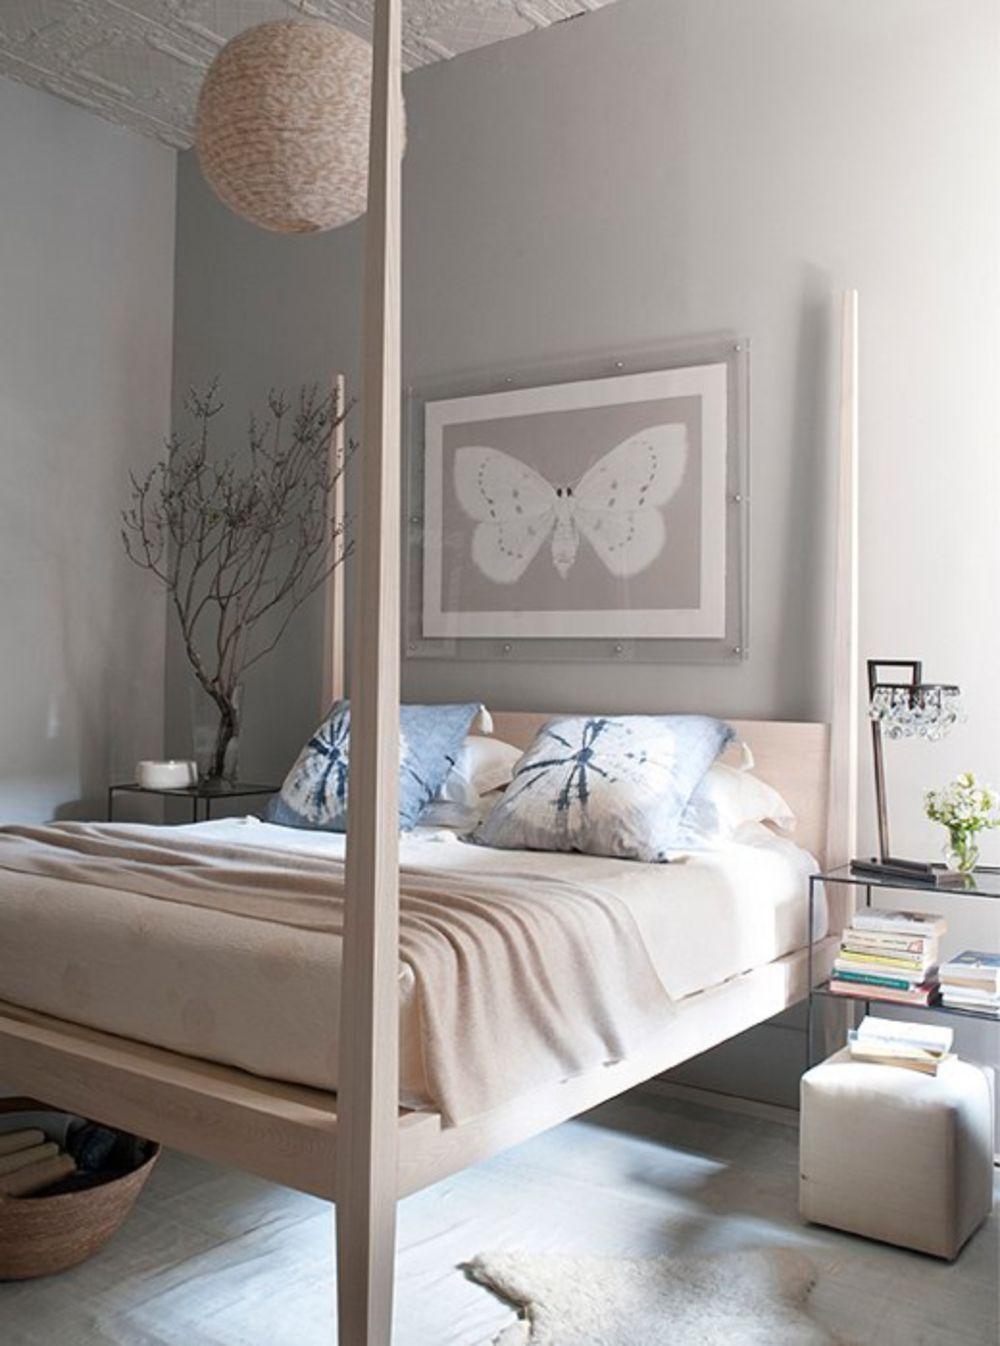 Room cool 37 Minimalist Small Bedroom